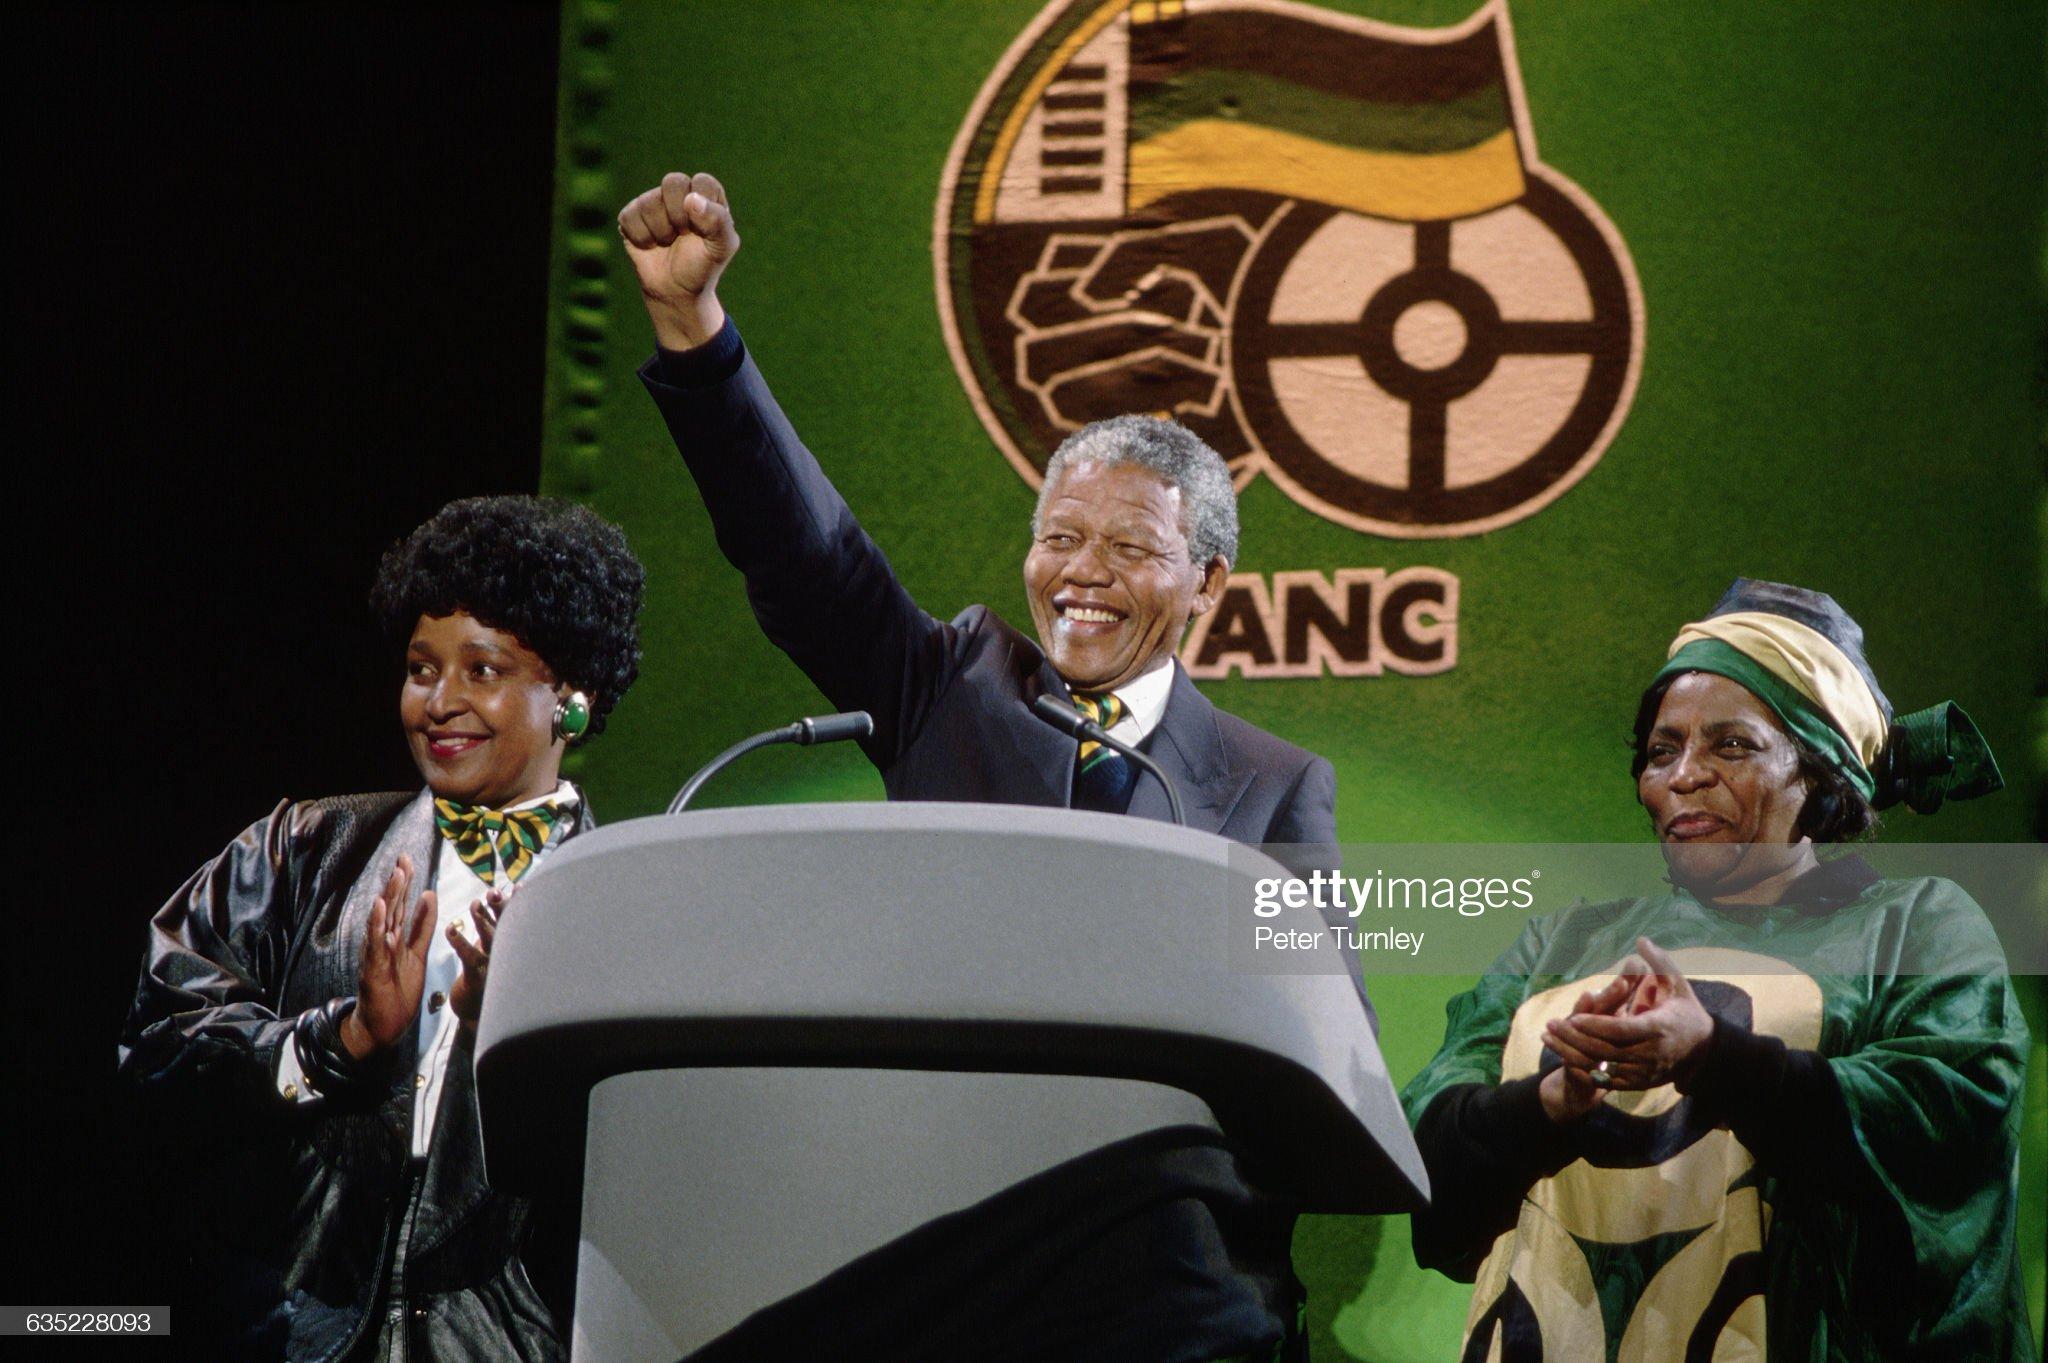 Nelson Mandela Speaking at Wembley Stadium : News Photo